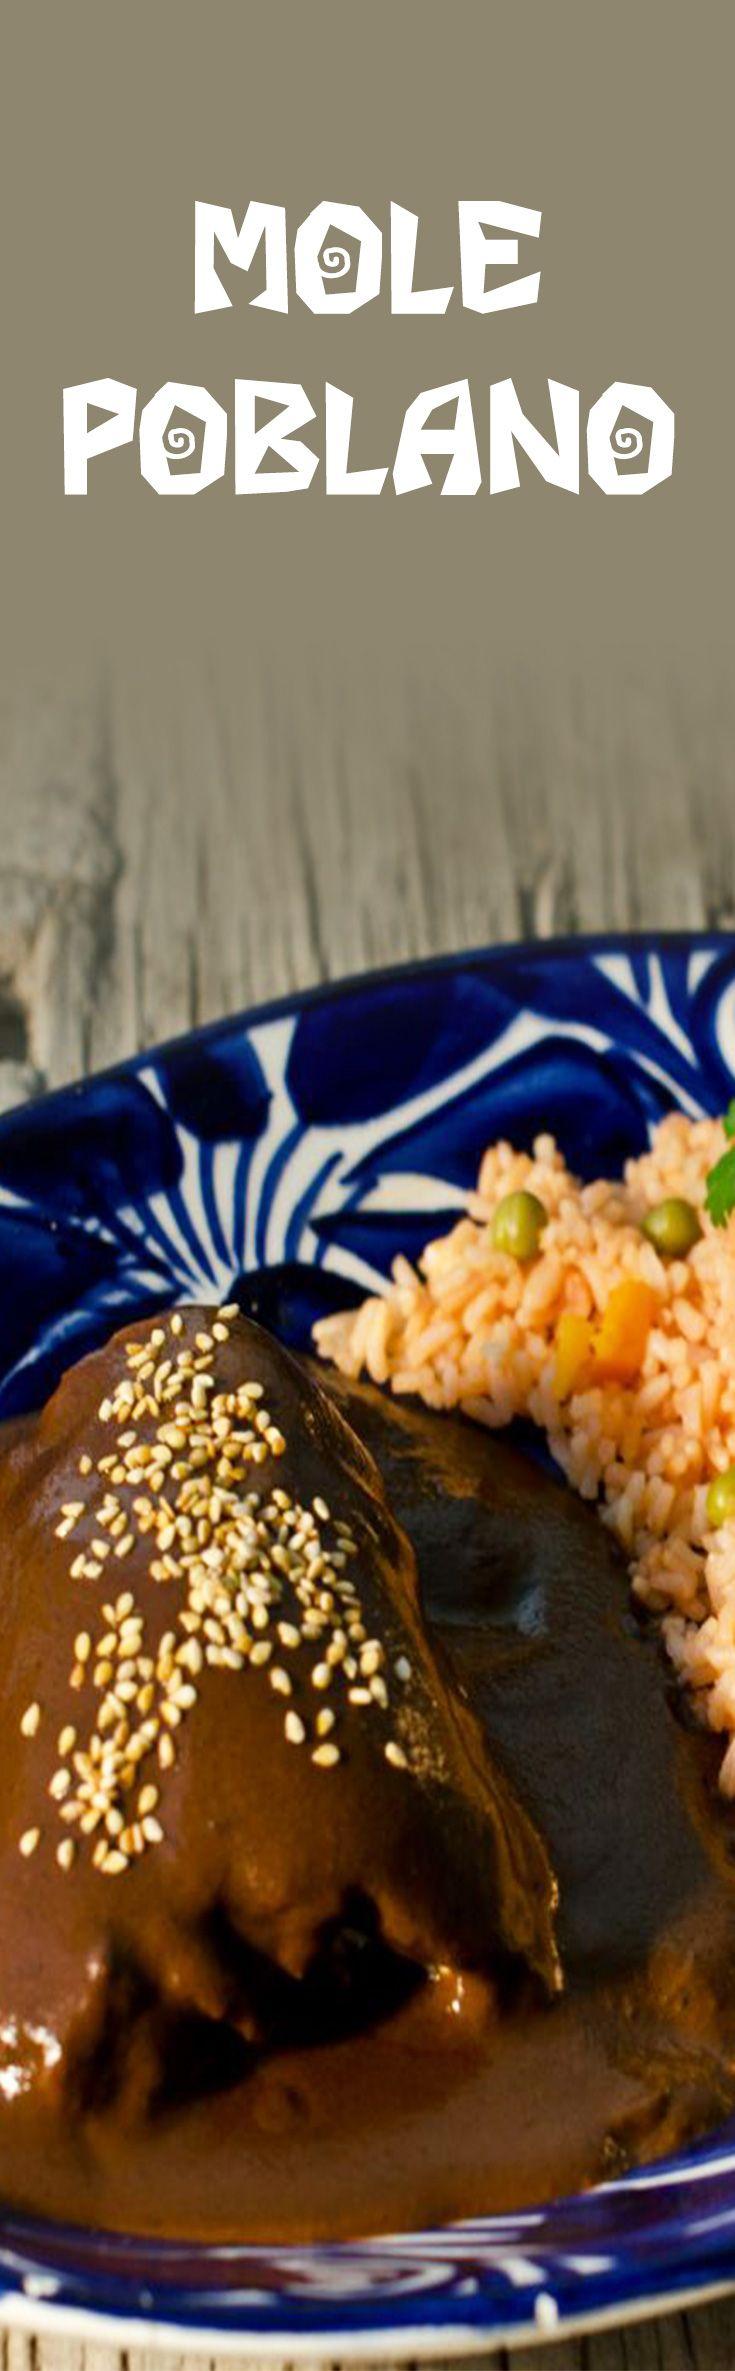 Esta receta típica de Puebla se dice que fue creada en el siglo XVII y constaba de mas de 100 ingredientes. Hoy en día, existen versiones más simplificadas pero igual de deliciosas.